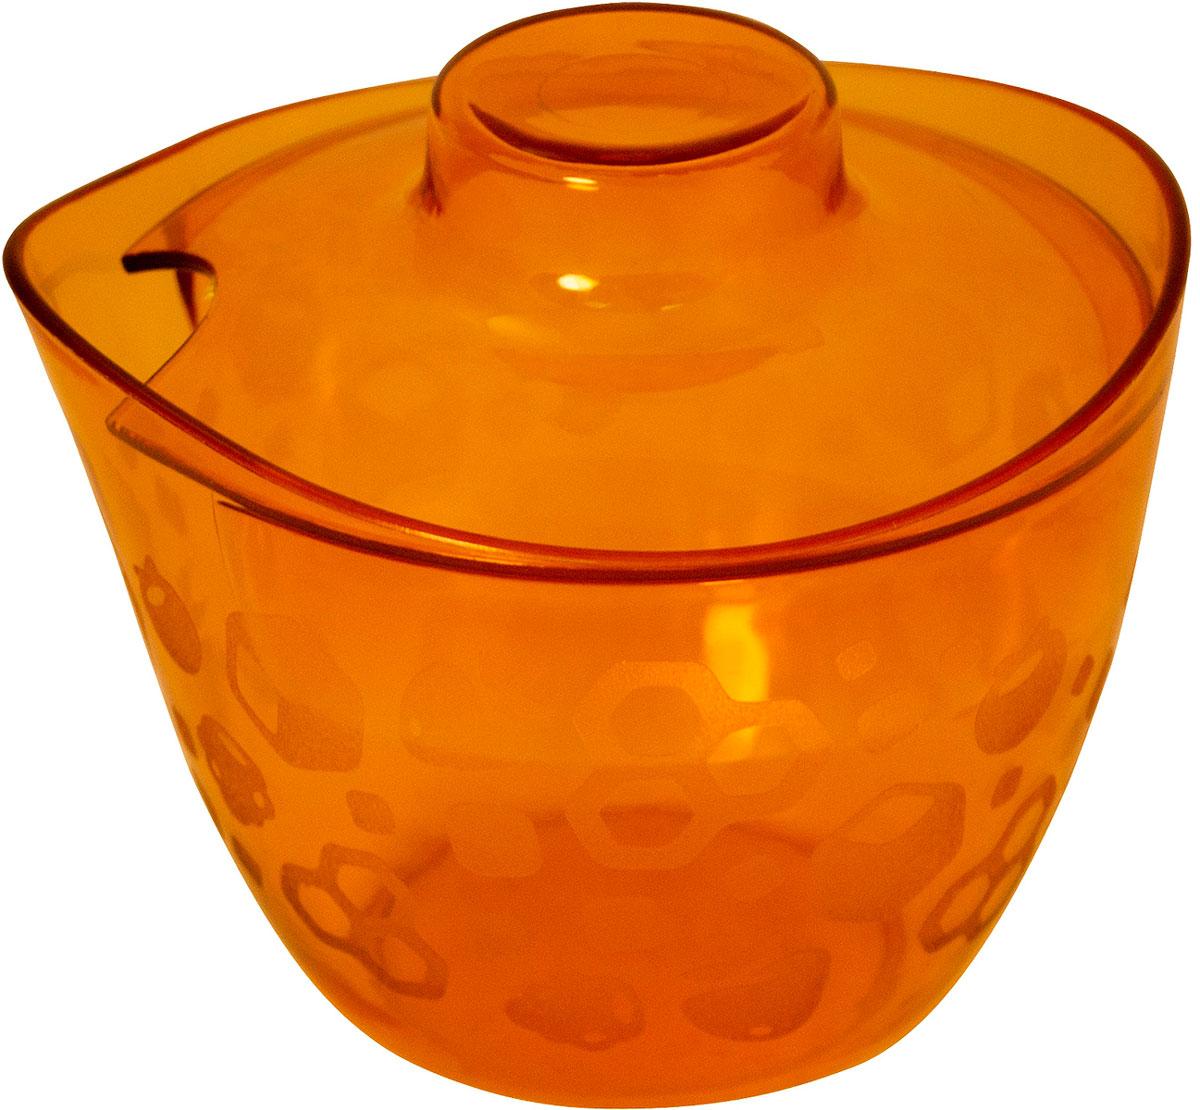 Сахарница Мартика Люмици, цвет: оранжевыйC584Оригинальная современная форма сахарницы позволяет использовать ее какпредмет сервировки стола.Размеры/диаметр: 100 х 93 мм.Высота: 87 мм.Материал: пластмасса.